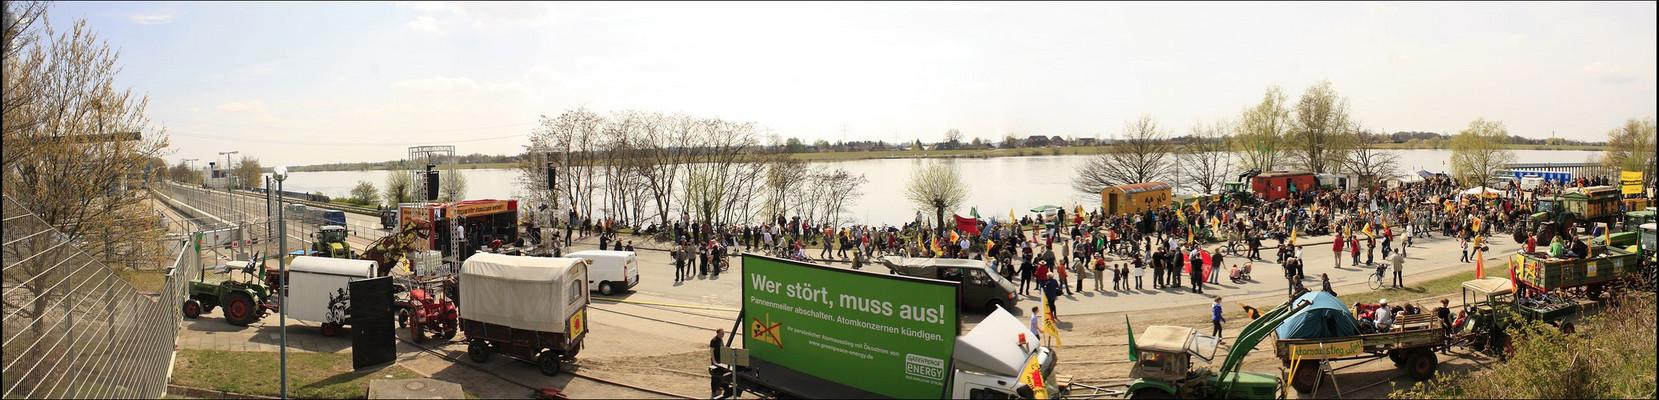 Demo am AKW in Krümmel             ´/ zum scrollen